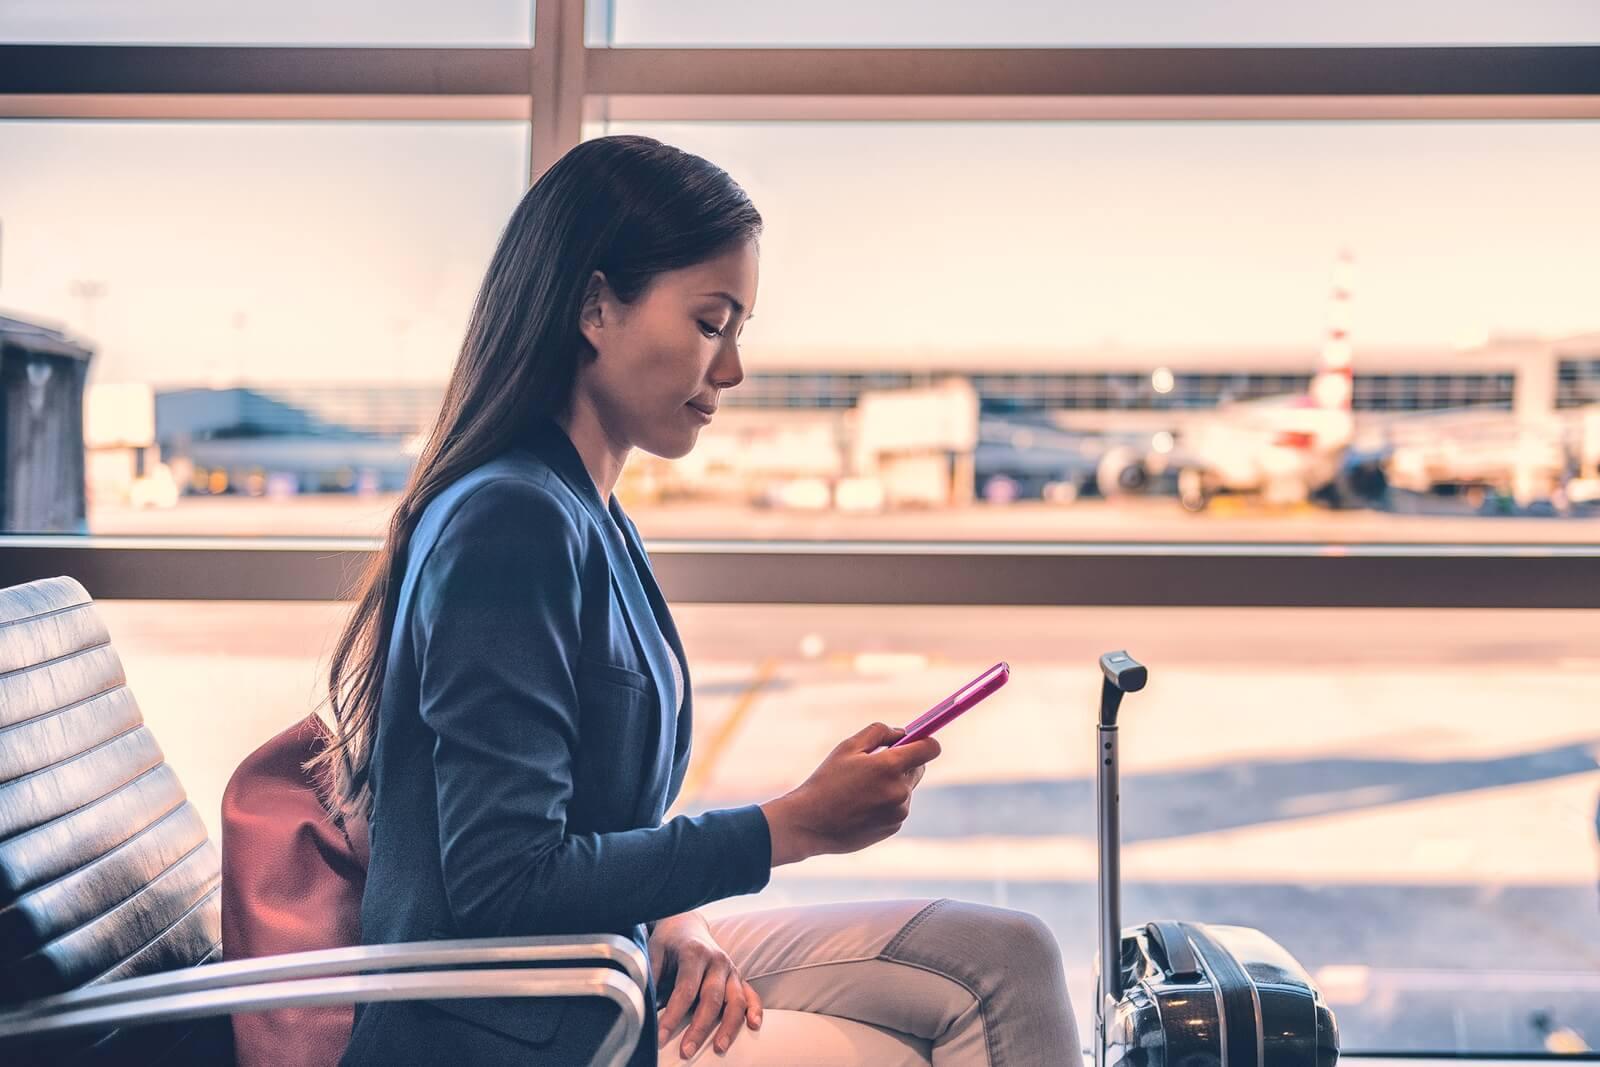 bigstock-Airport-phone-travel-Asian-bus-248638177